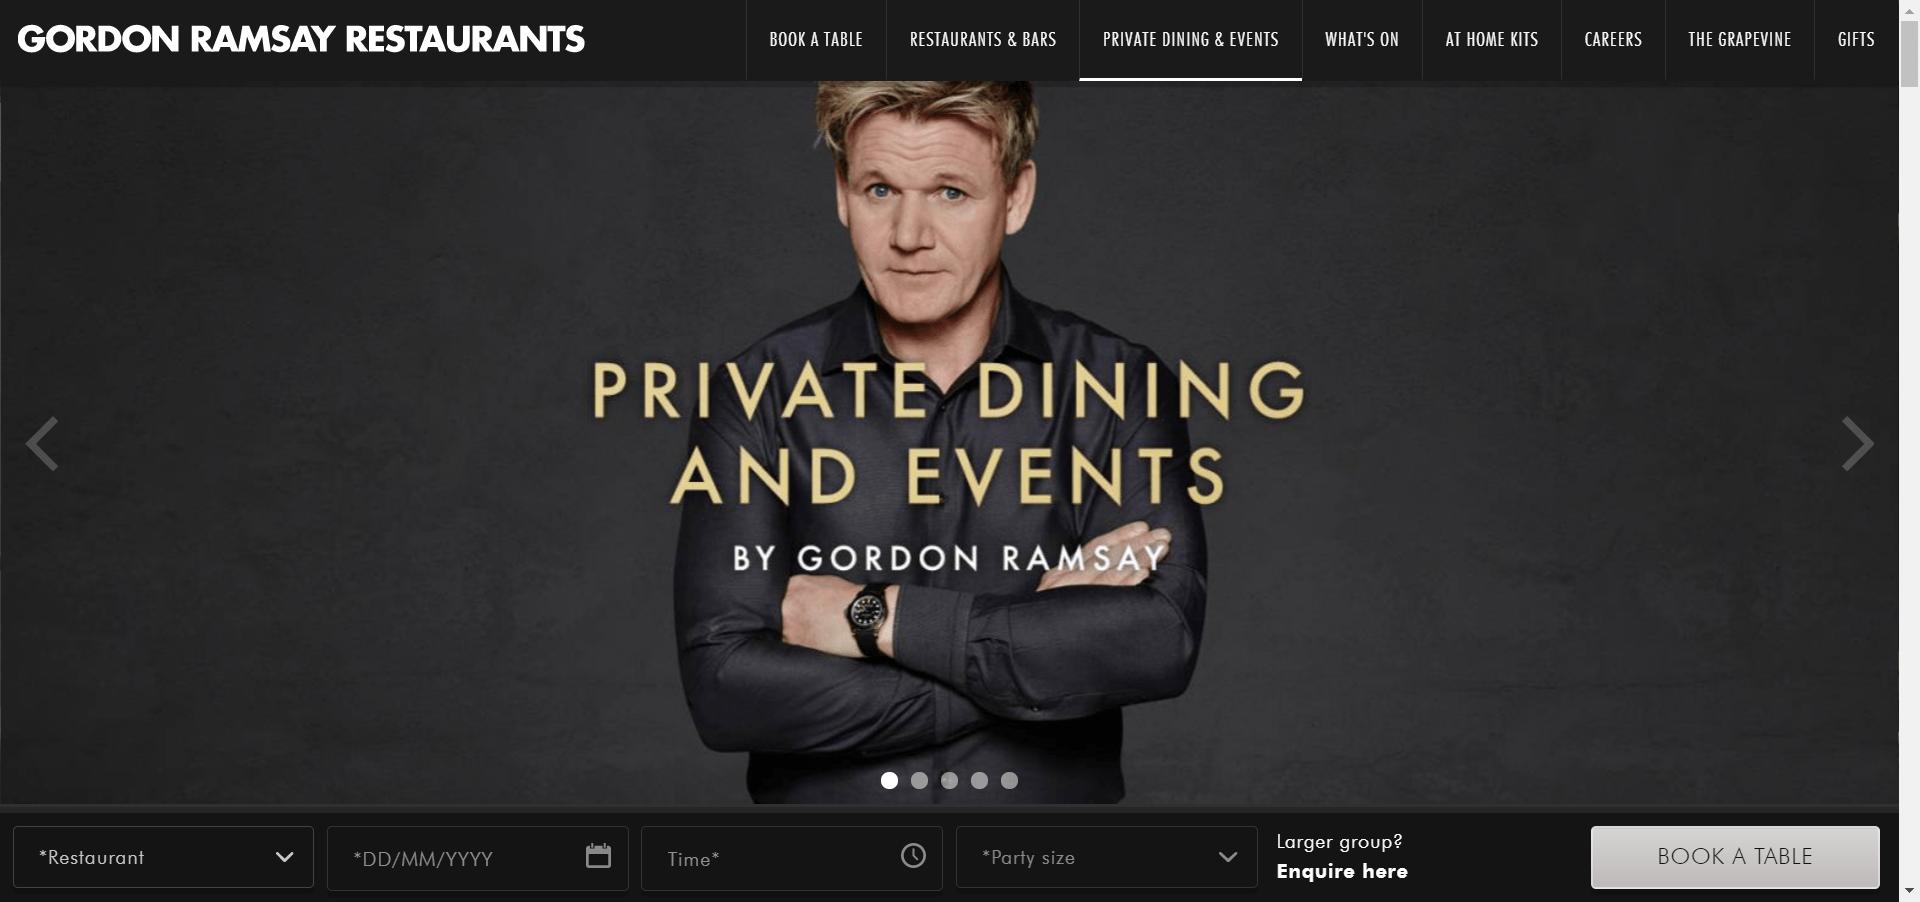 Gordan Ramsey Landing Page